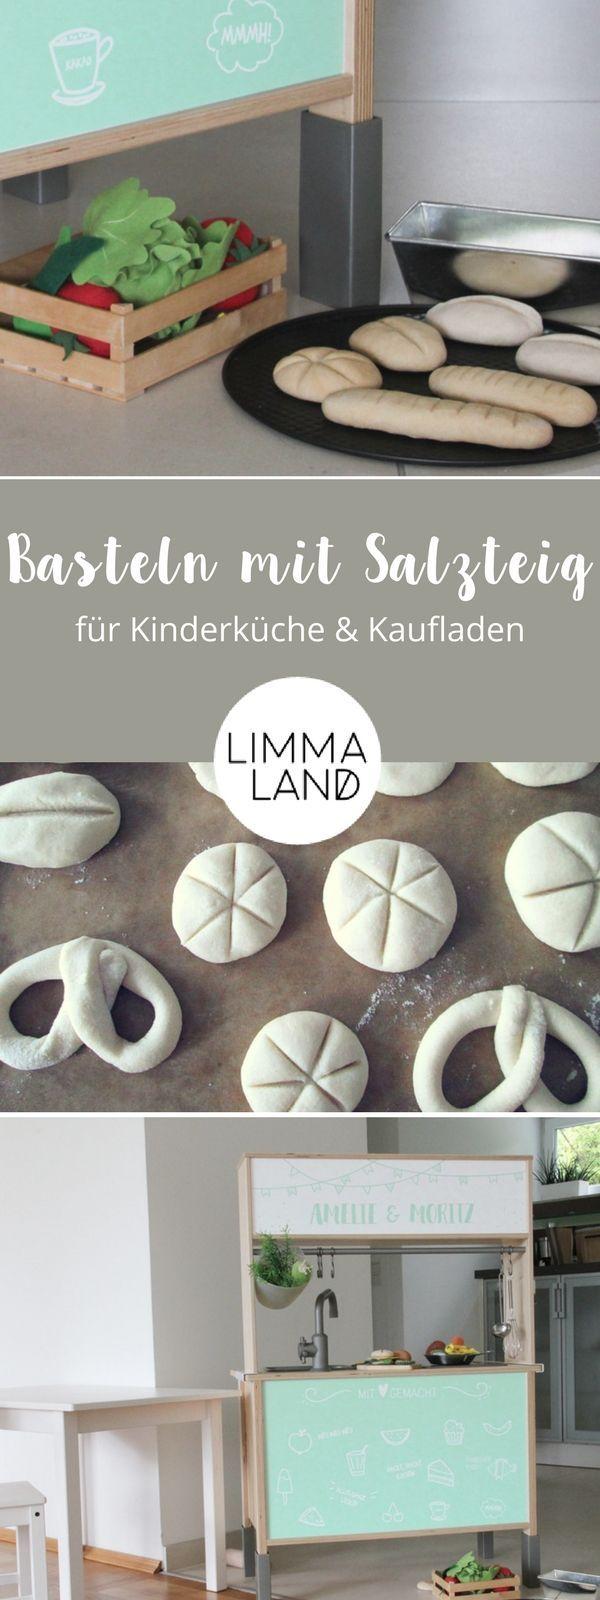 589 best kids ideen images on pinterest activities for for Salzteig ideen